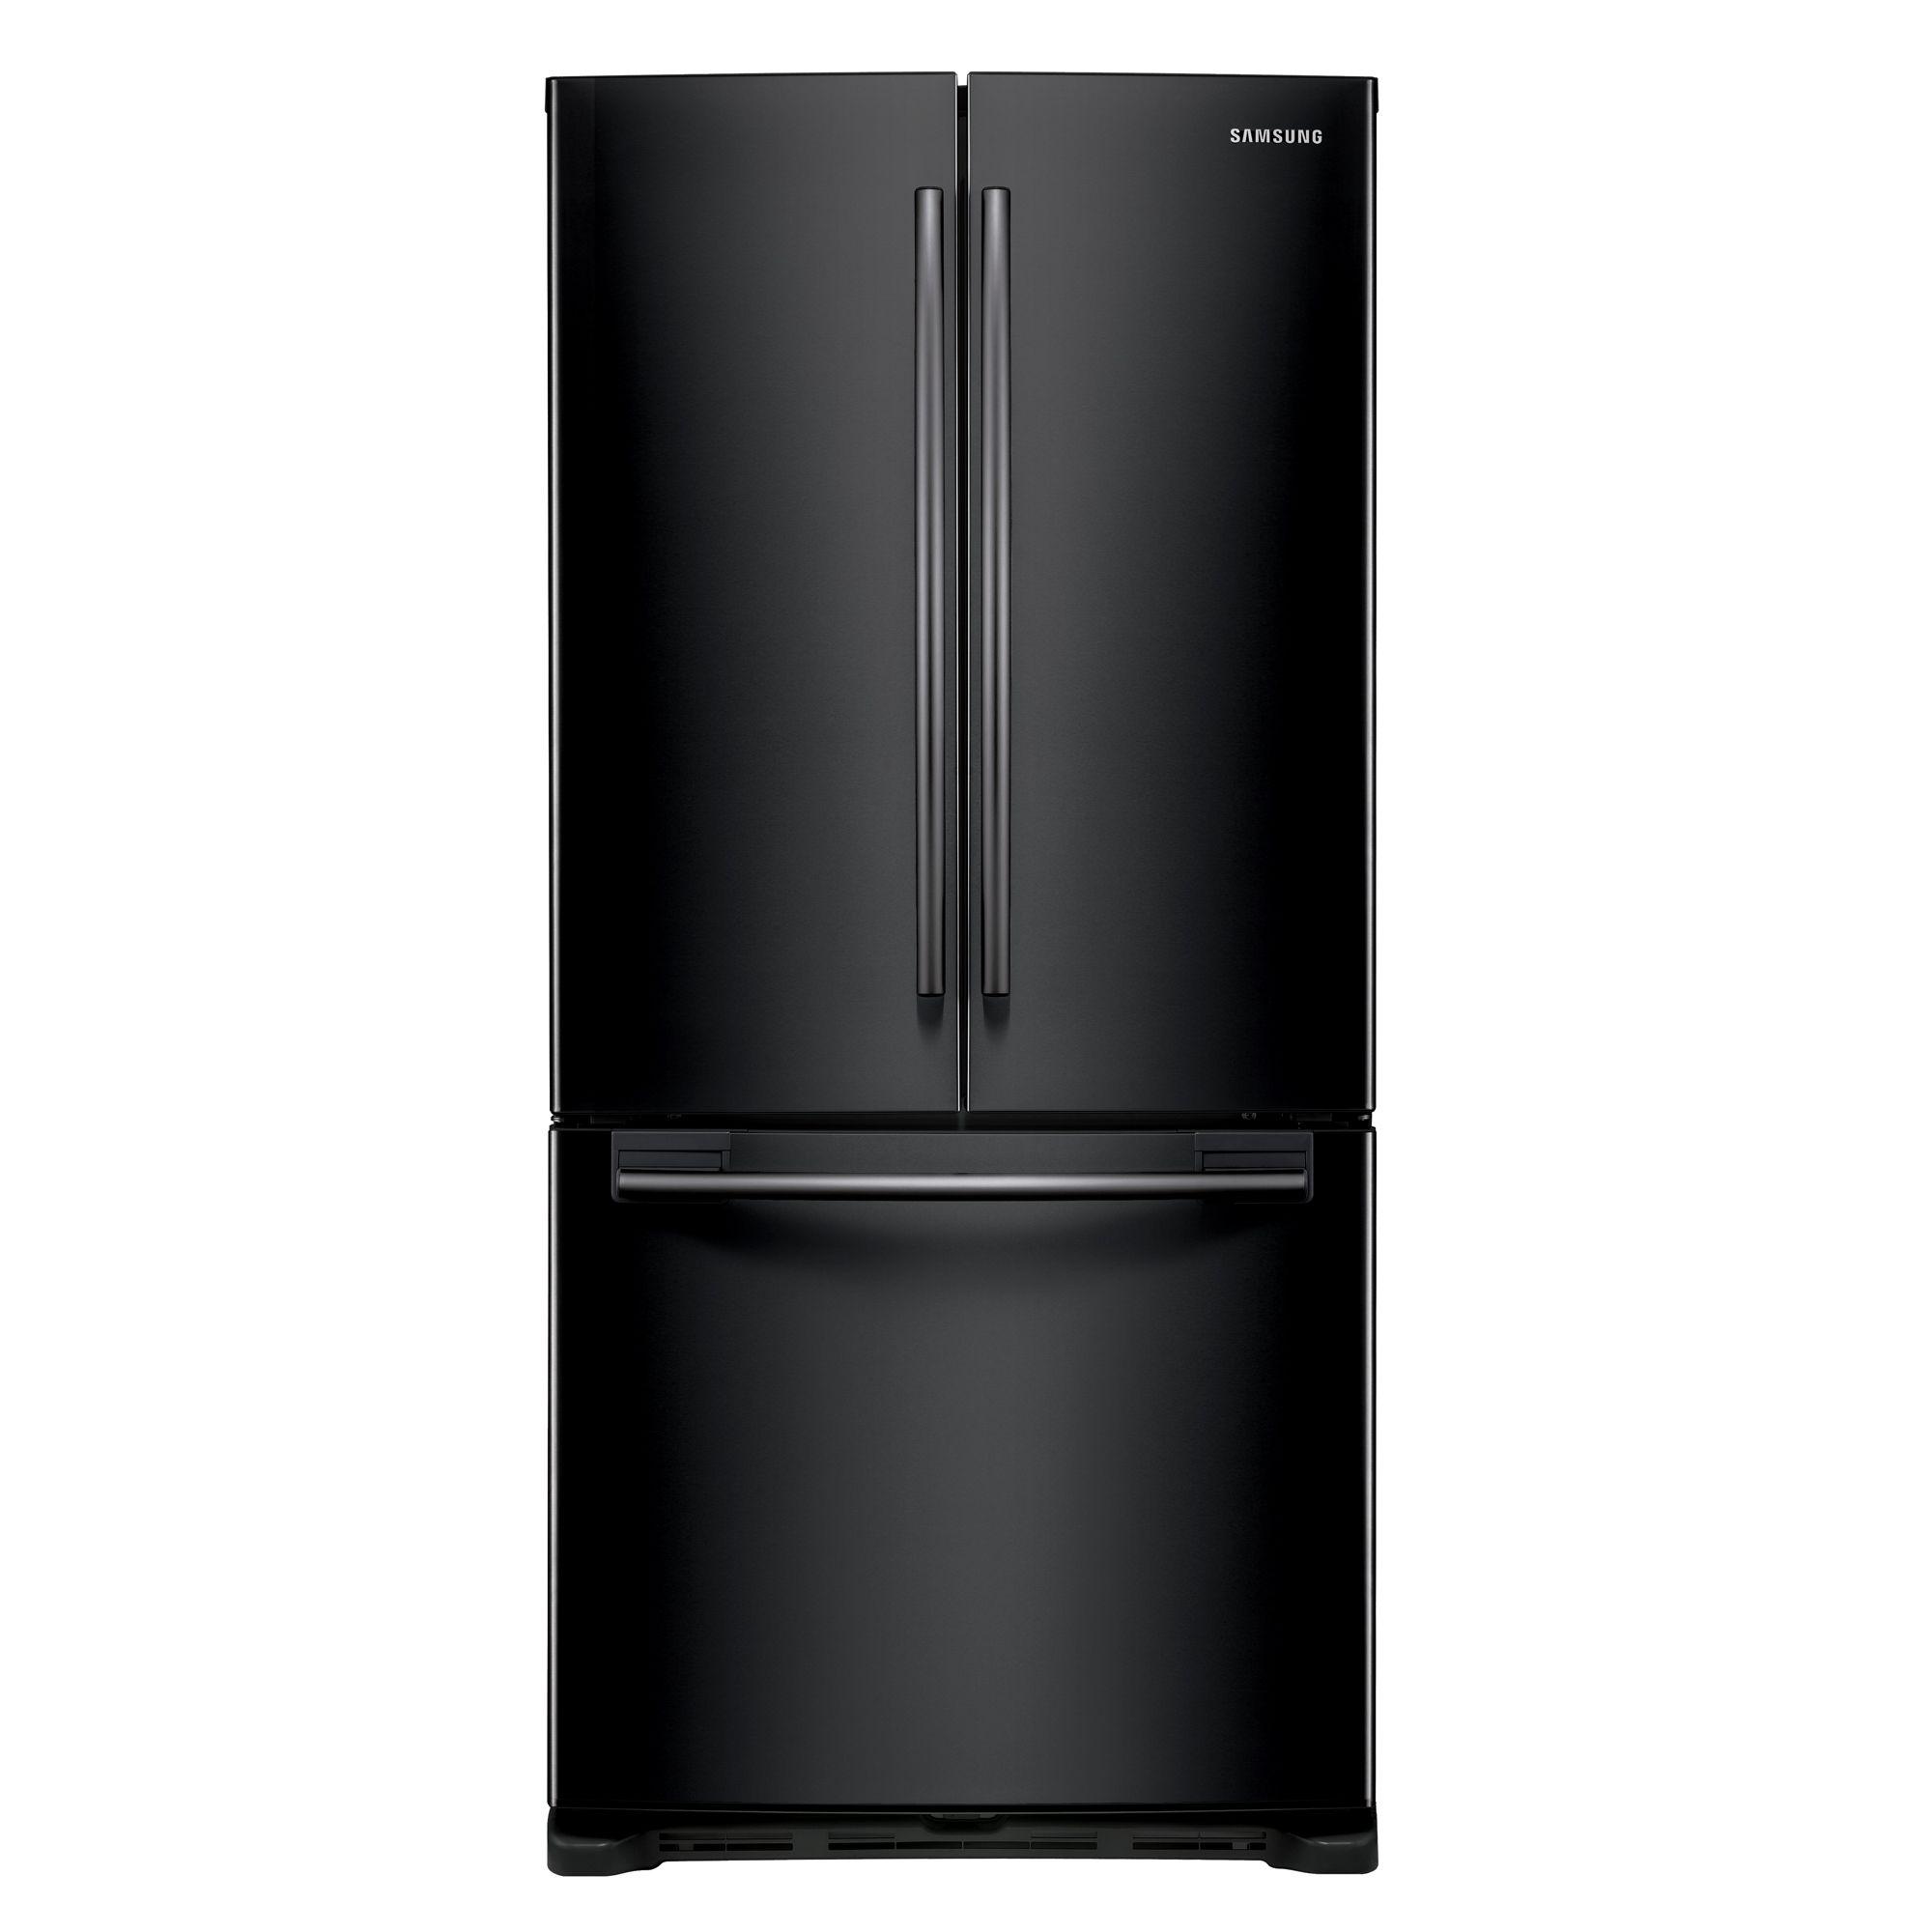 small resolution of samsung rf217acbp 20 0 cu ft french door bottom freezer samsung rf217acbp problems part diagram for samsung refrigerator rf217acbp